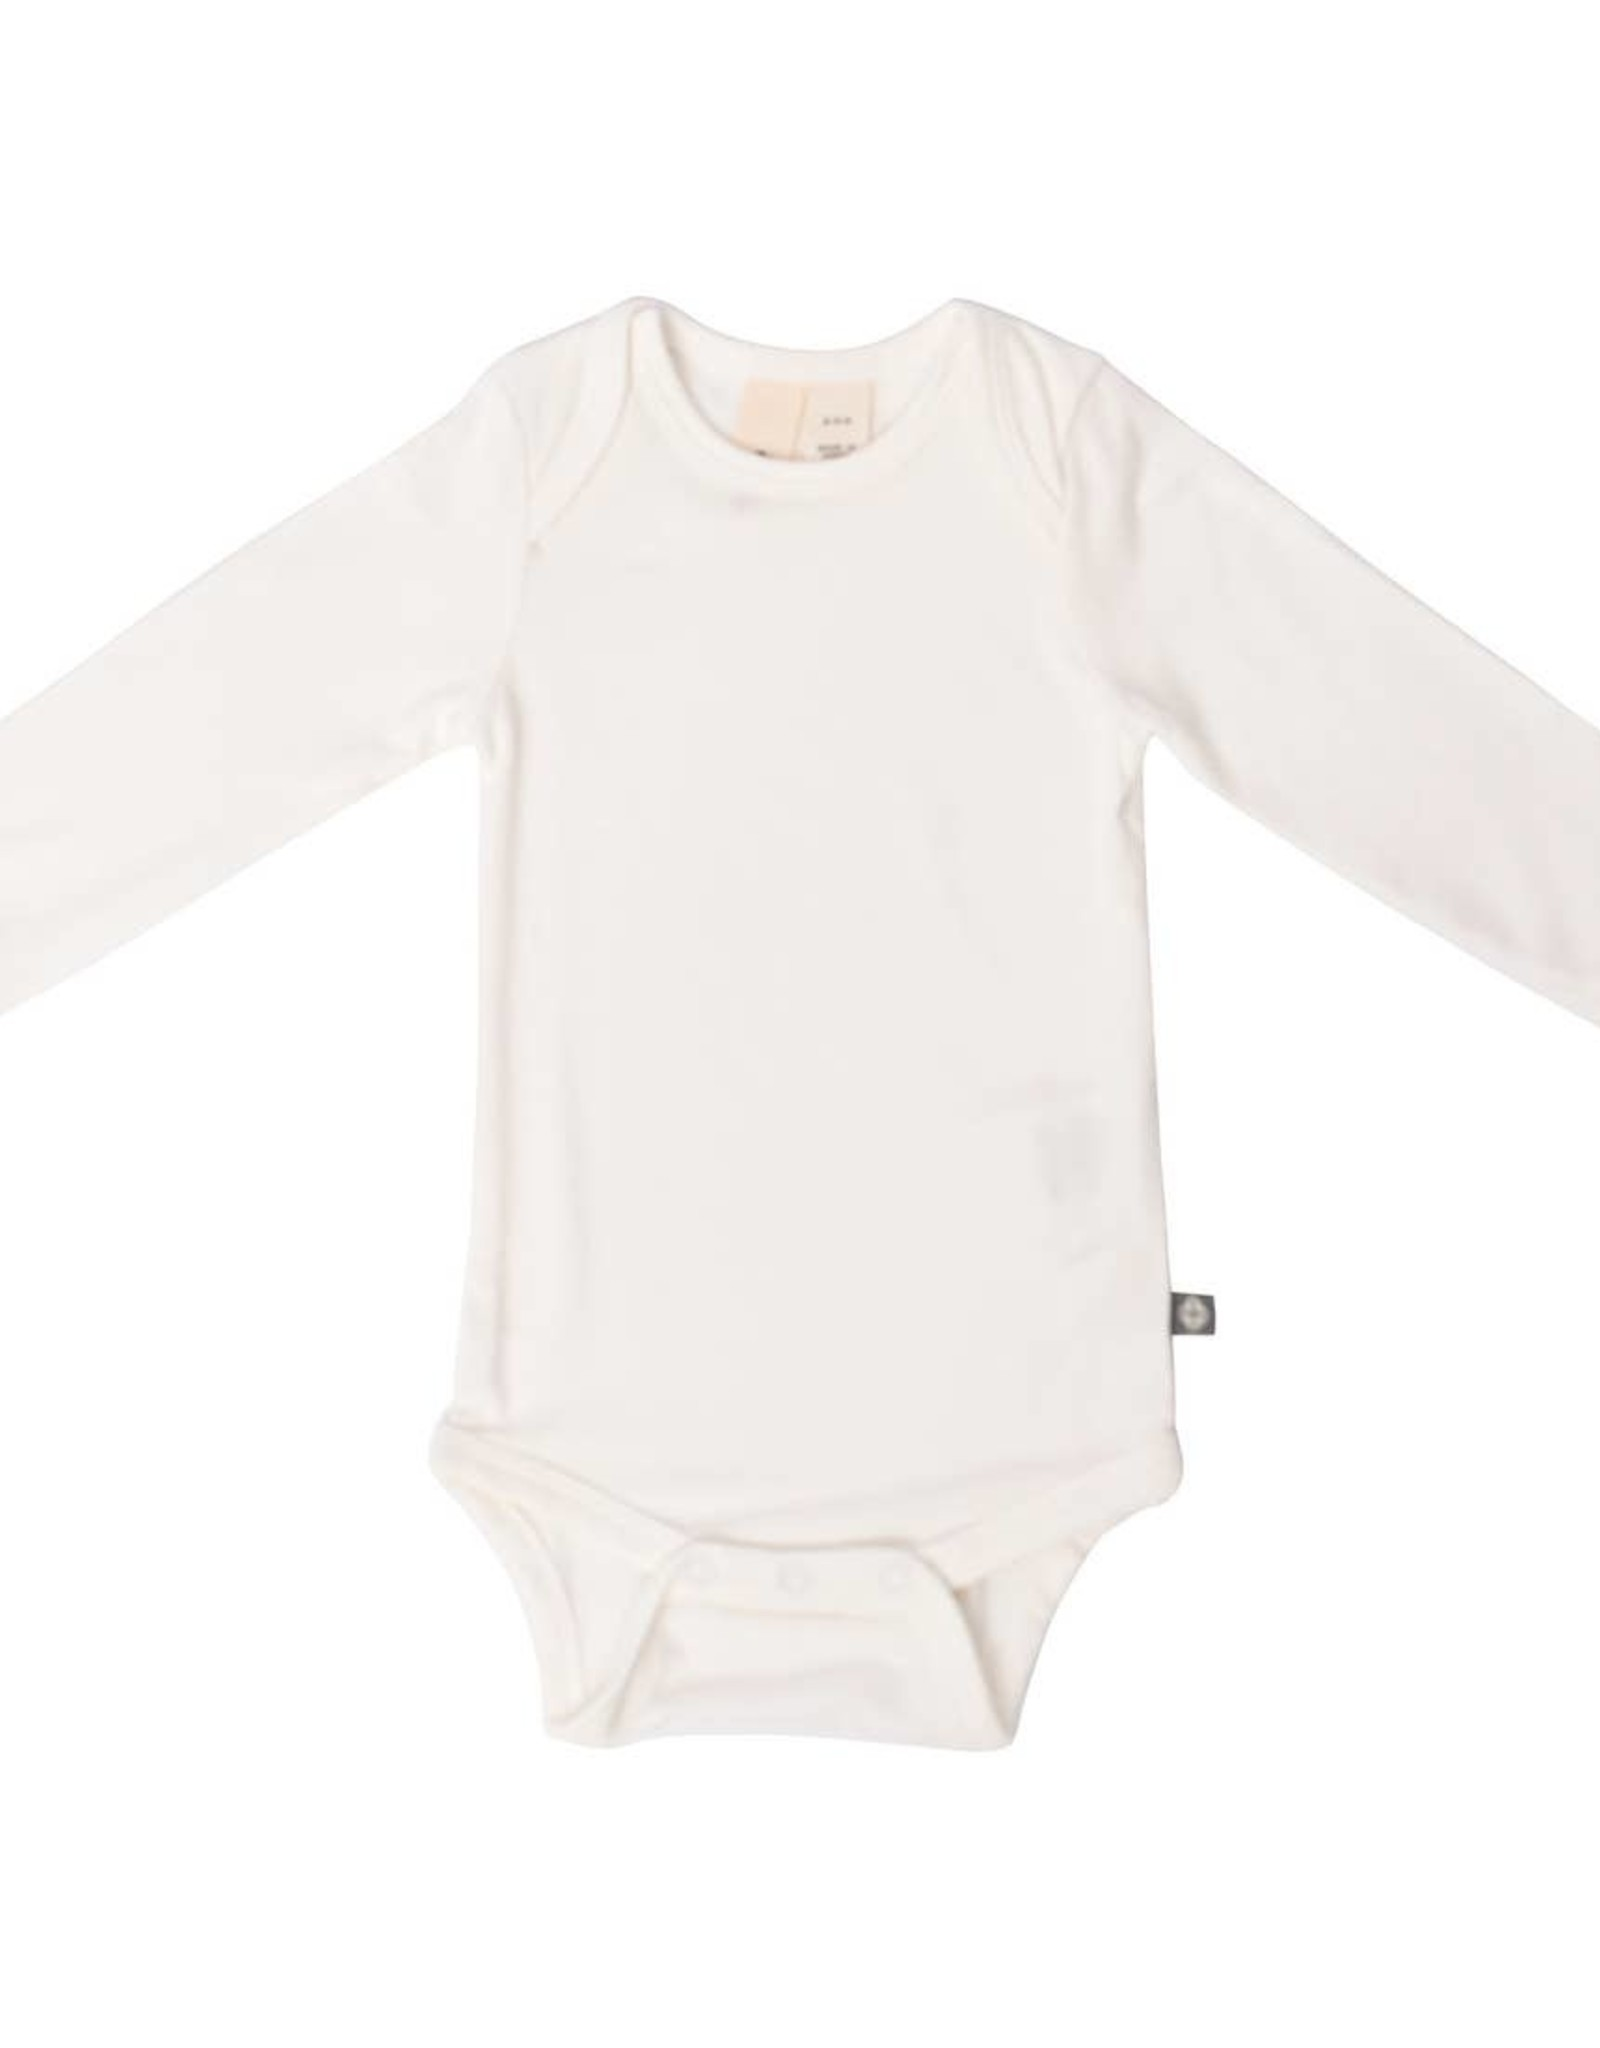 Kyle baby Kyte Baby Long Sleeve Bodysuit in Cloud